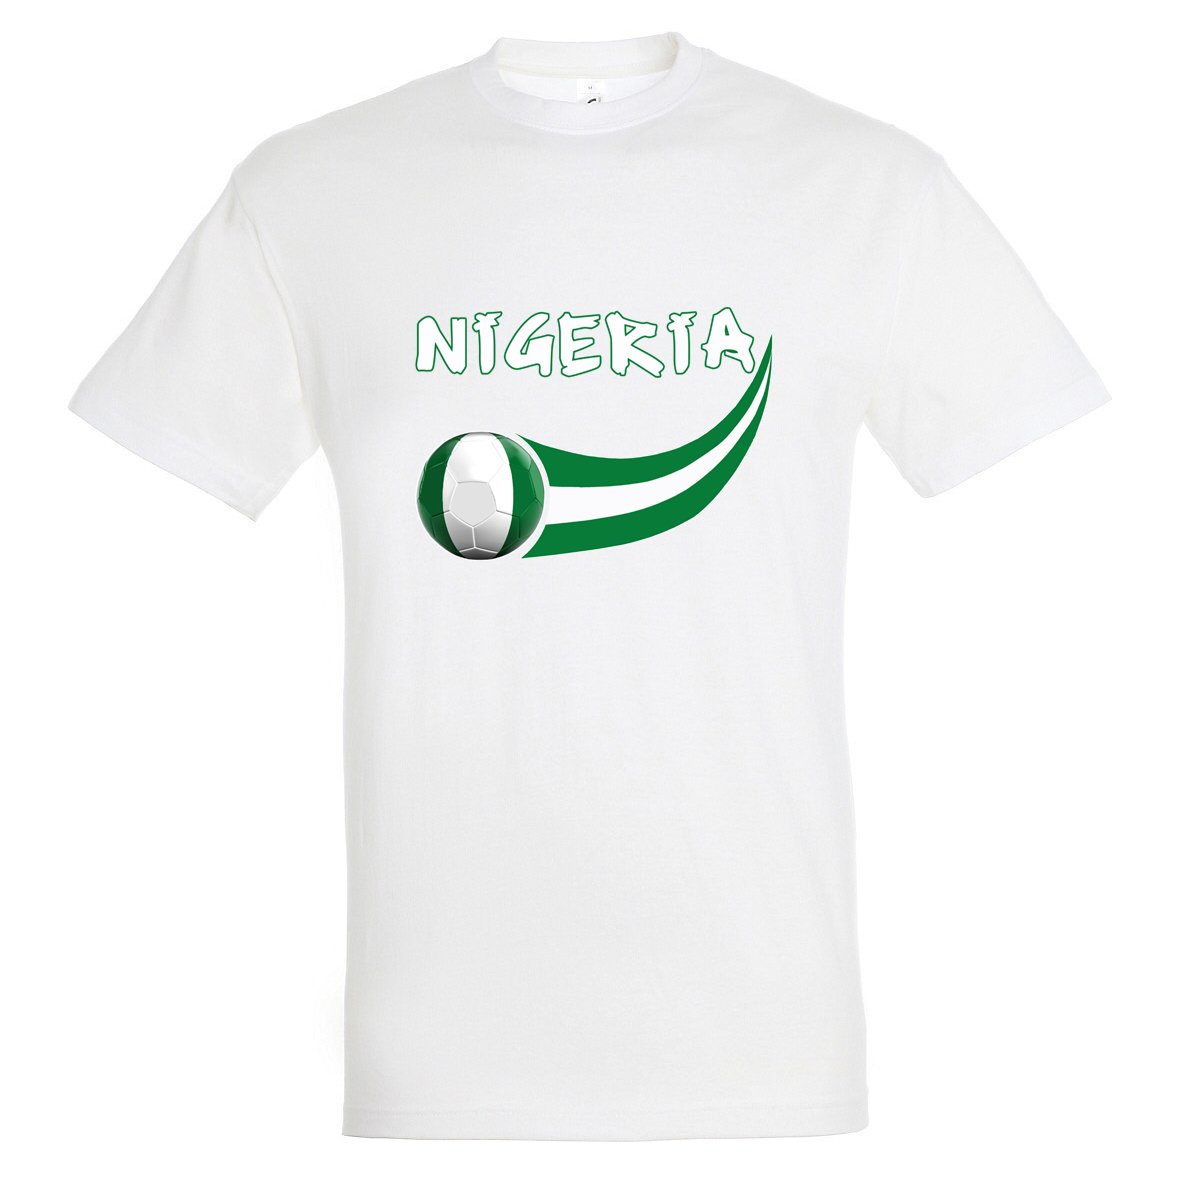 Supportershop – Camiseta Nigeria Hombre, Color Blanco, FR: XL ...